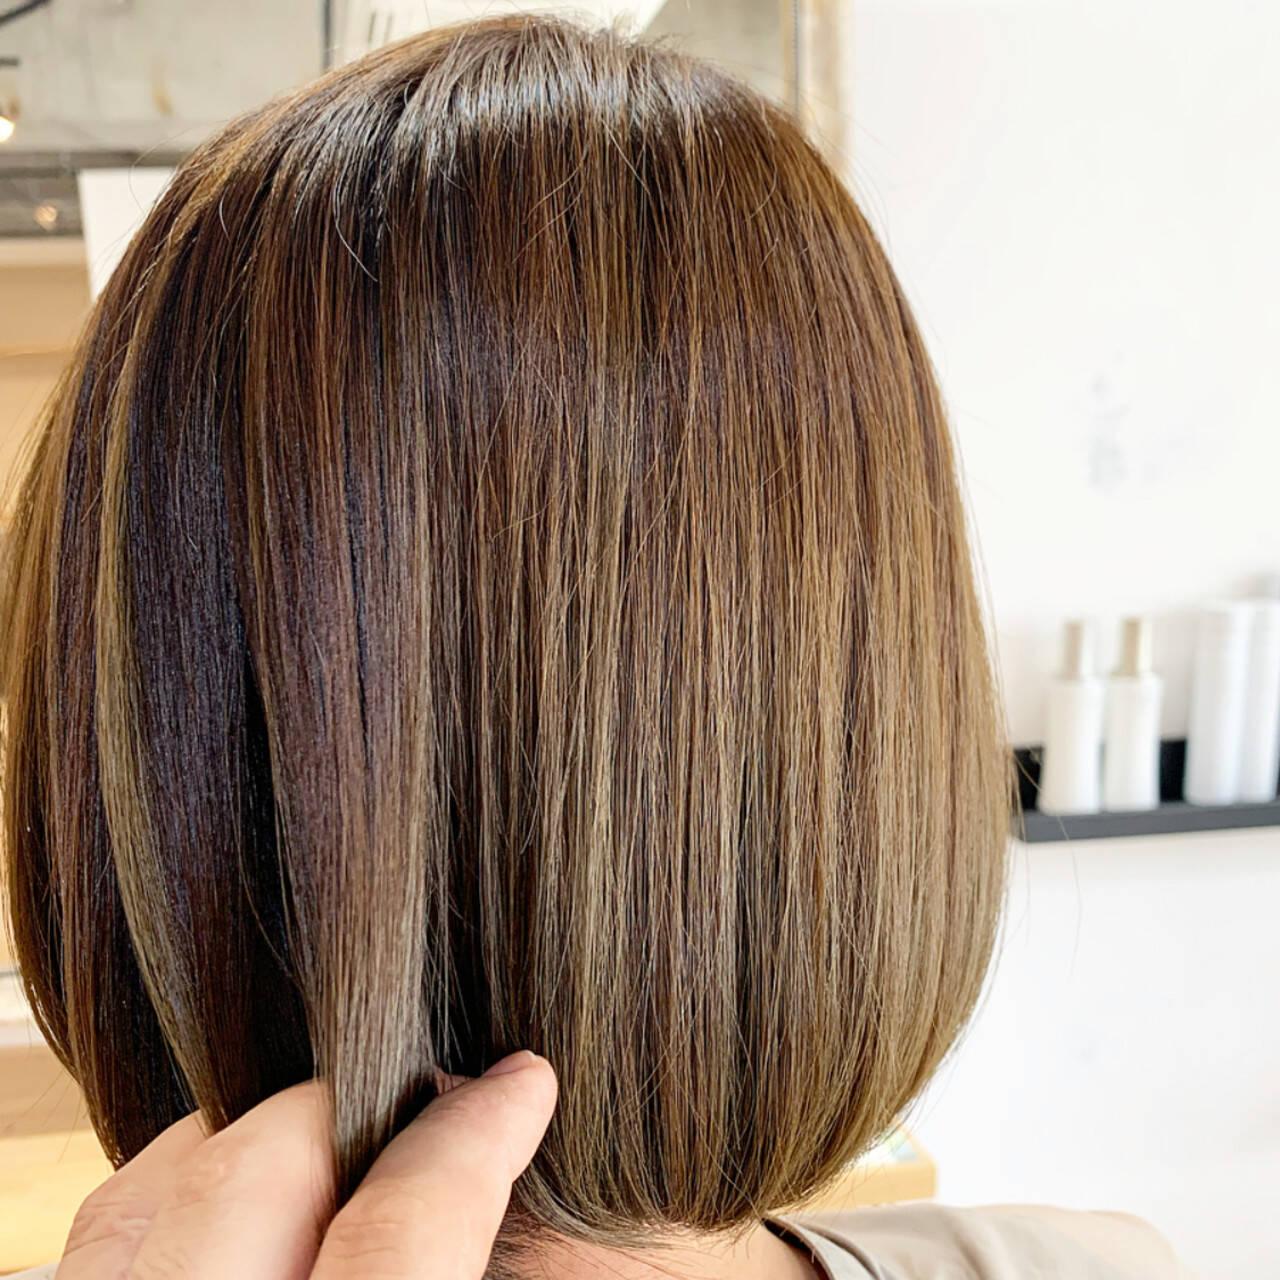 切りっぱなしボブ イルミナカラー 外国人風カラー ミニボブヘアスタイルや髪型の写真・画像